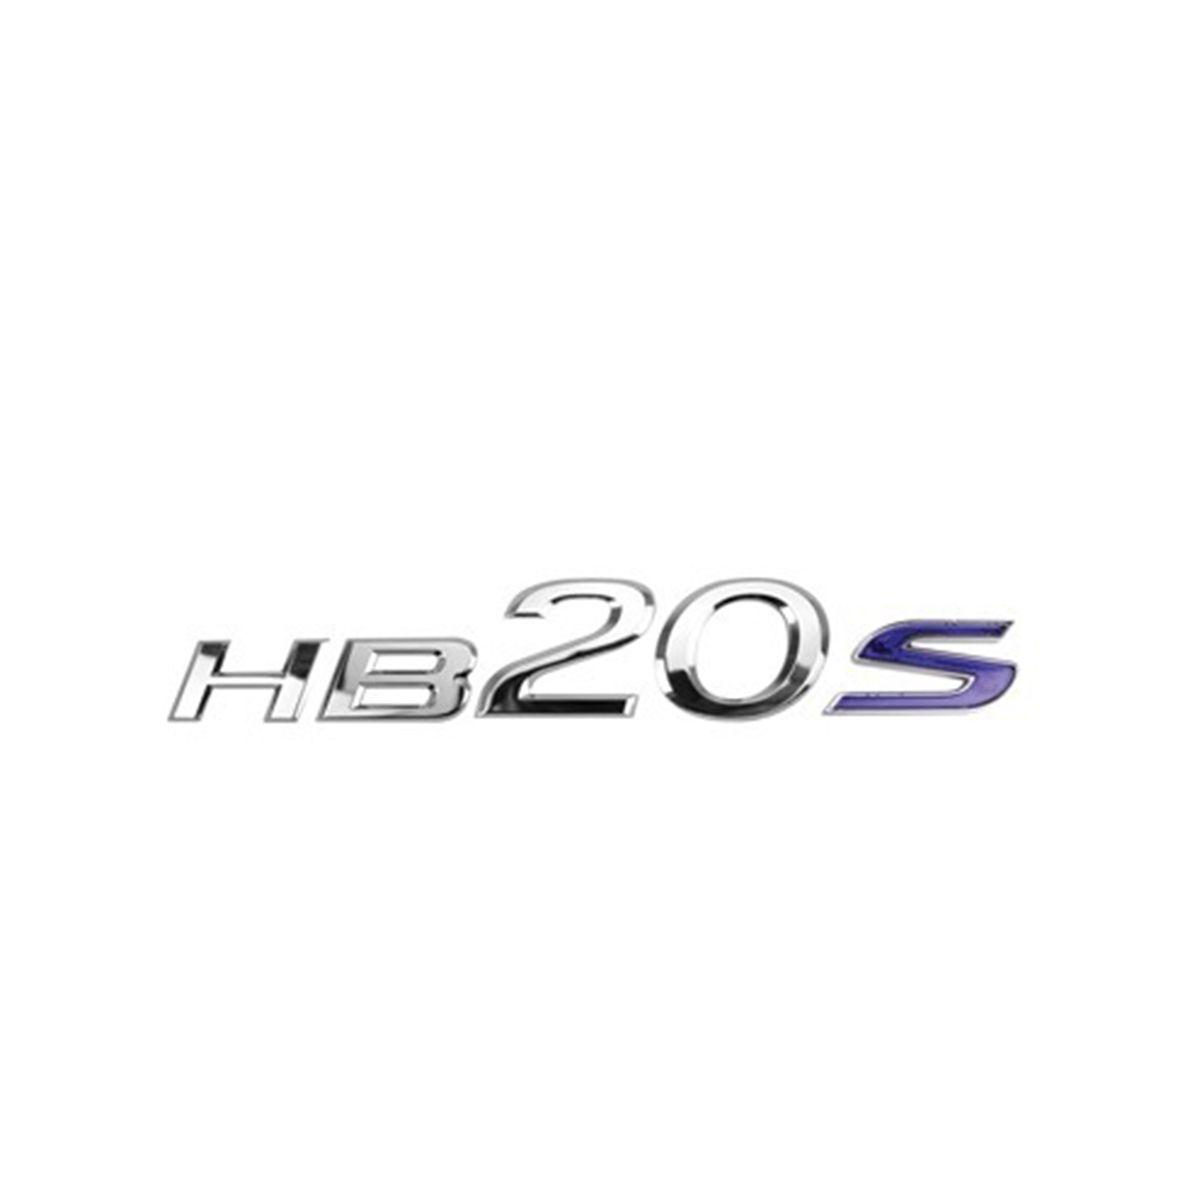 Emblema Letreiro Traseiro Mala HB20S 2014 2015 2016 2017